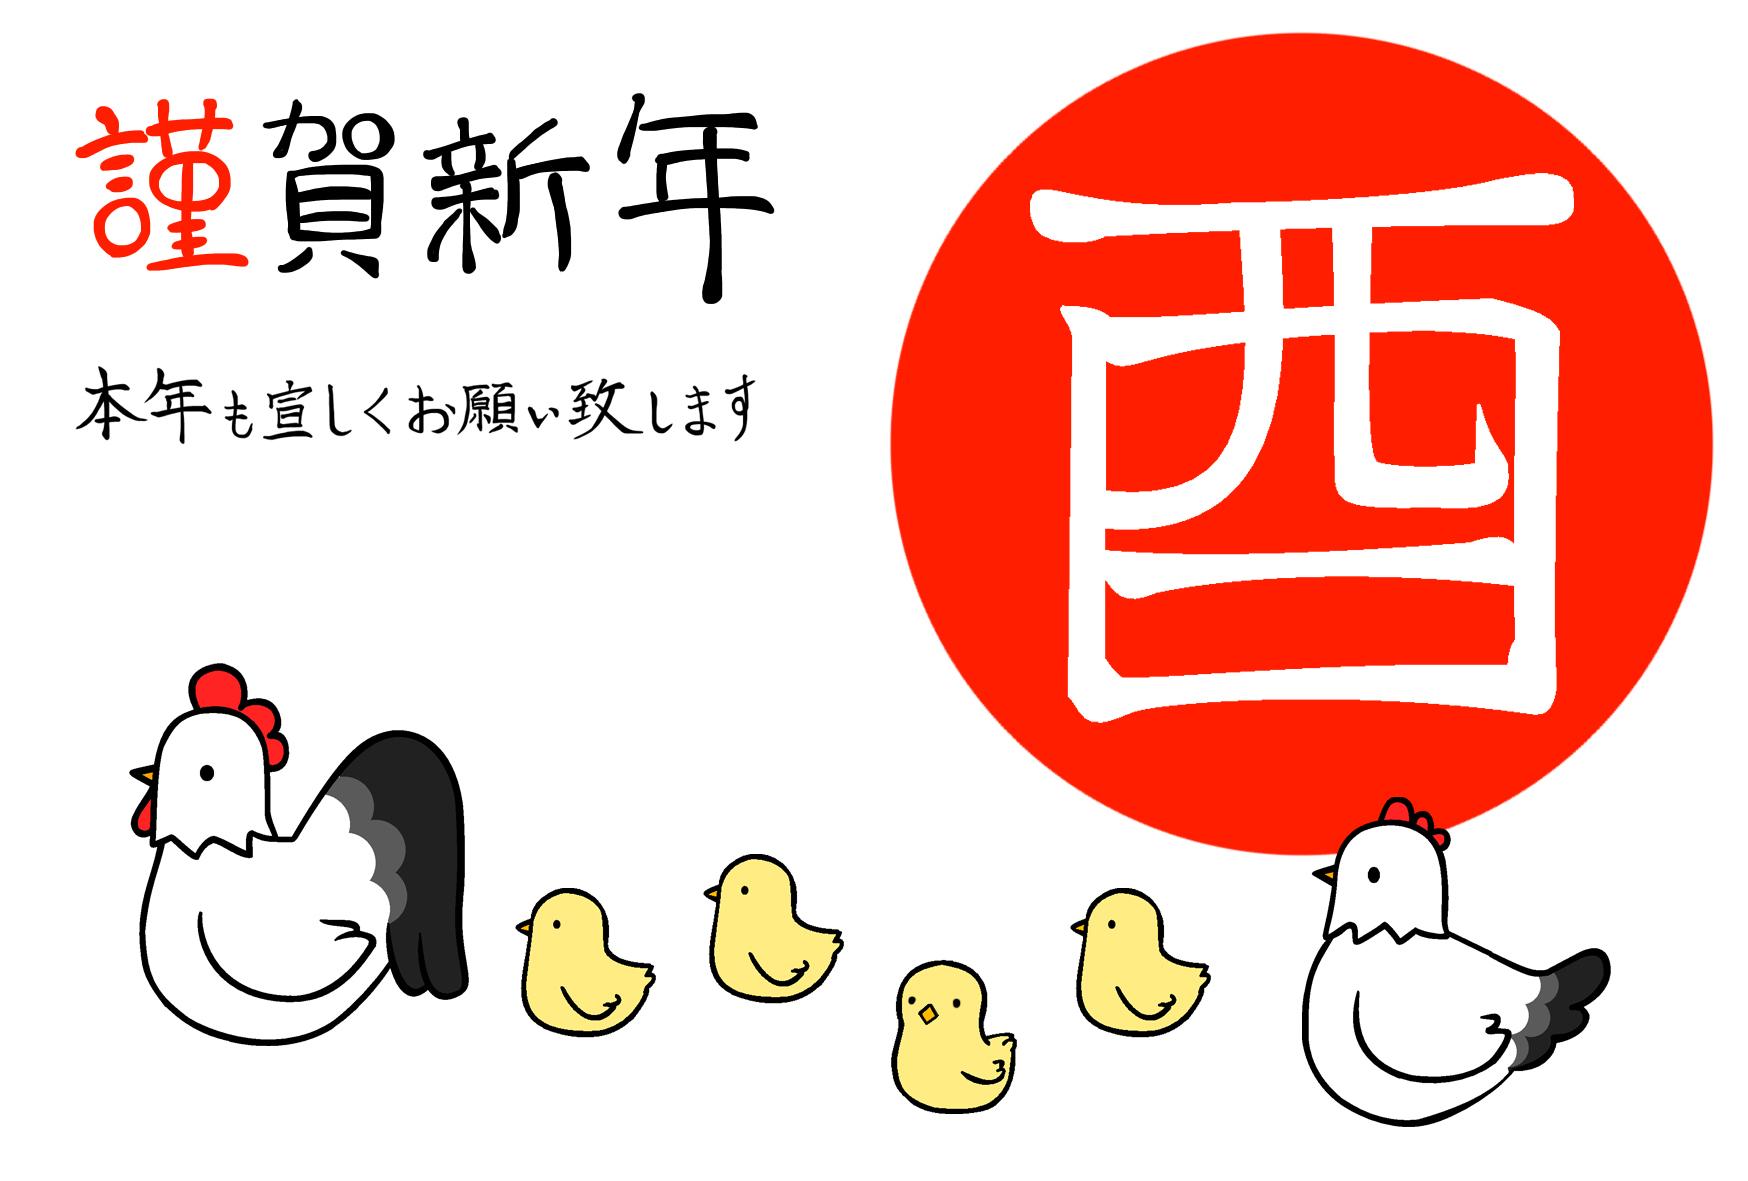 横型】鶏&ひよこ親子の酉年無料年賀状イラスト